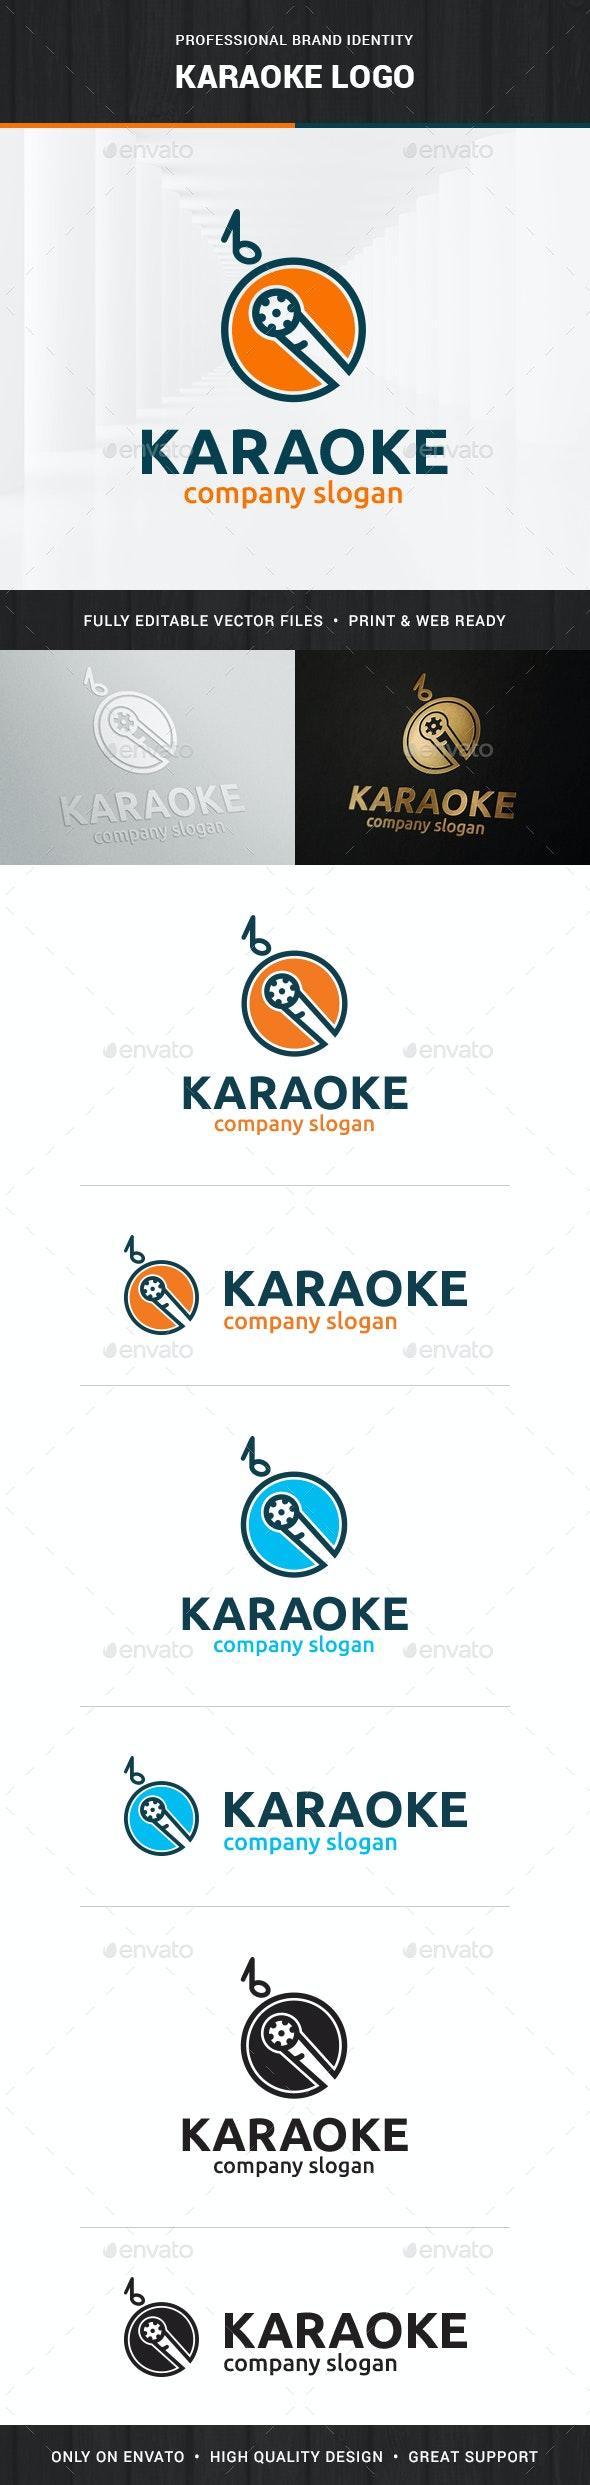 Karaoke Logo Template - Objects Logo Templates